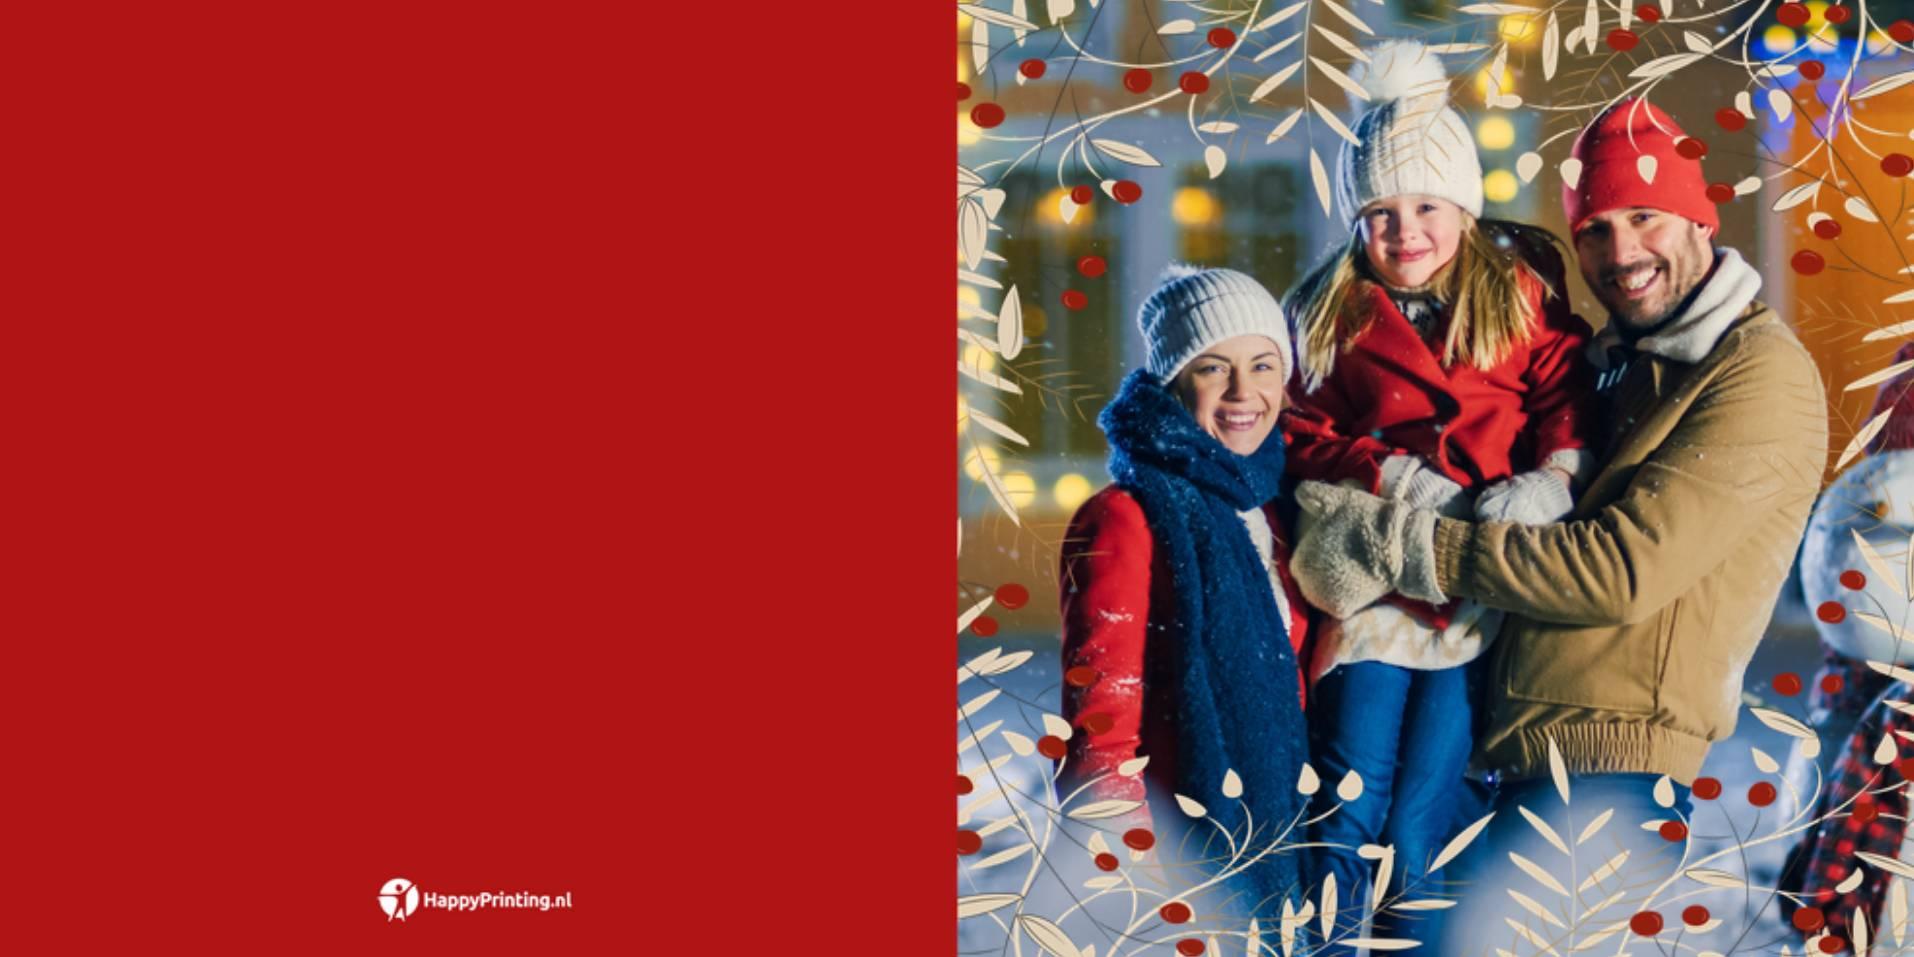 Persoonlijk _ Kerst 003 _ P